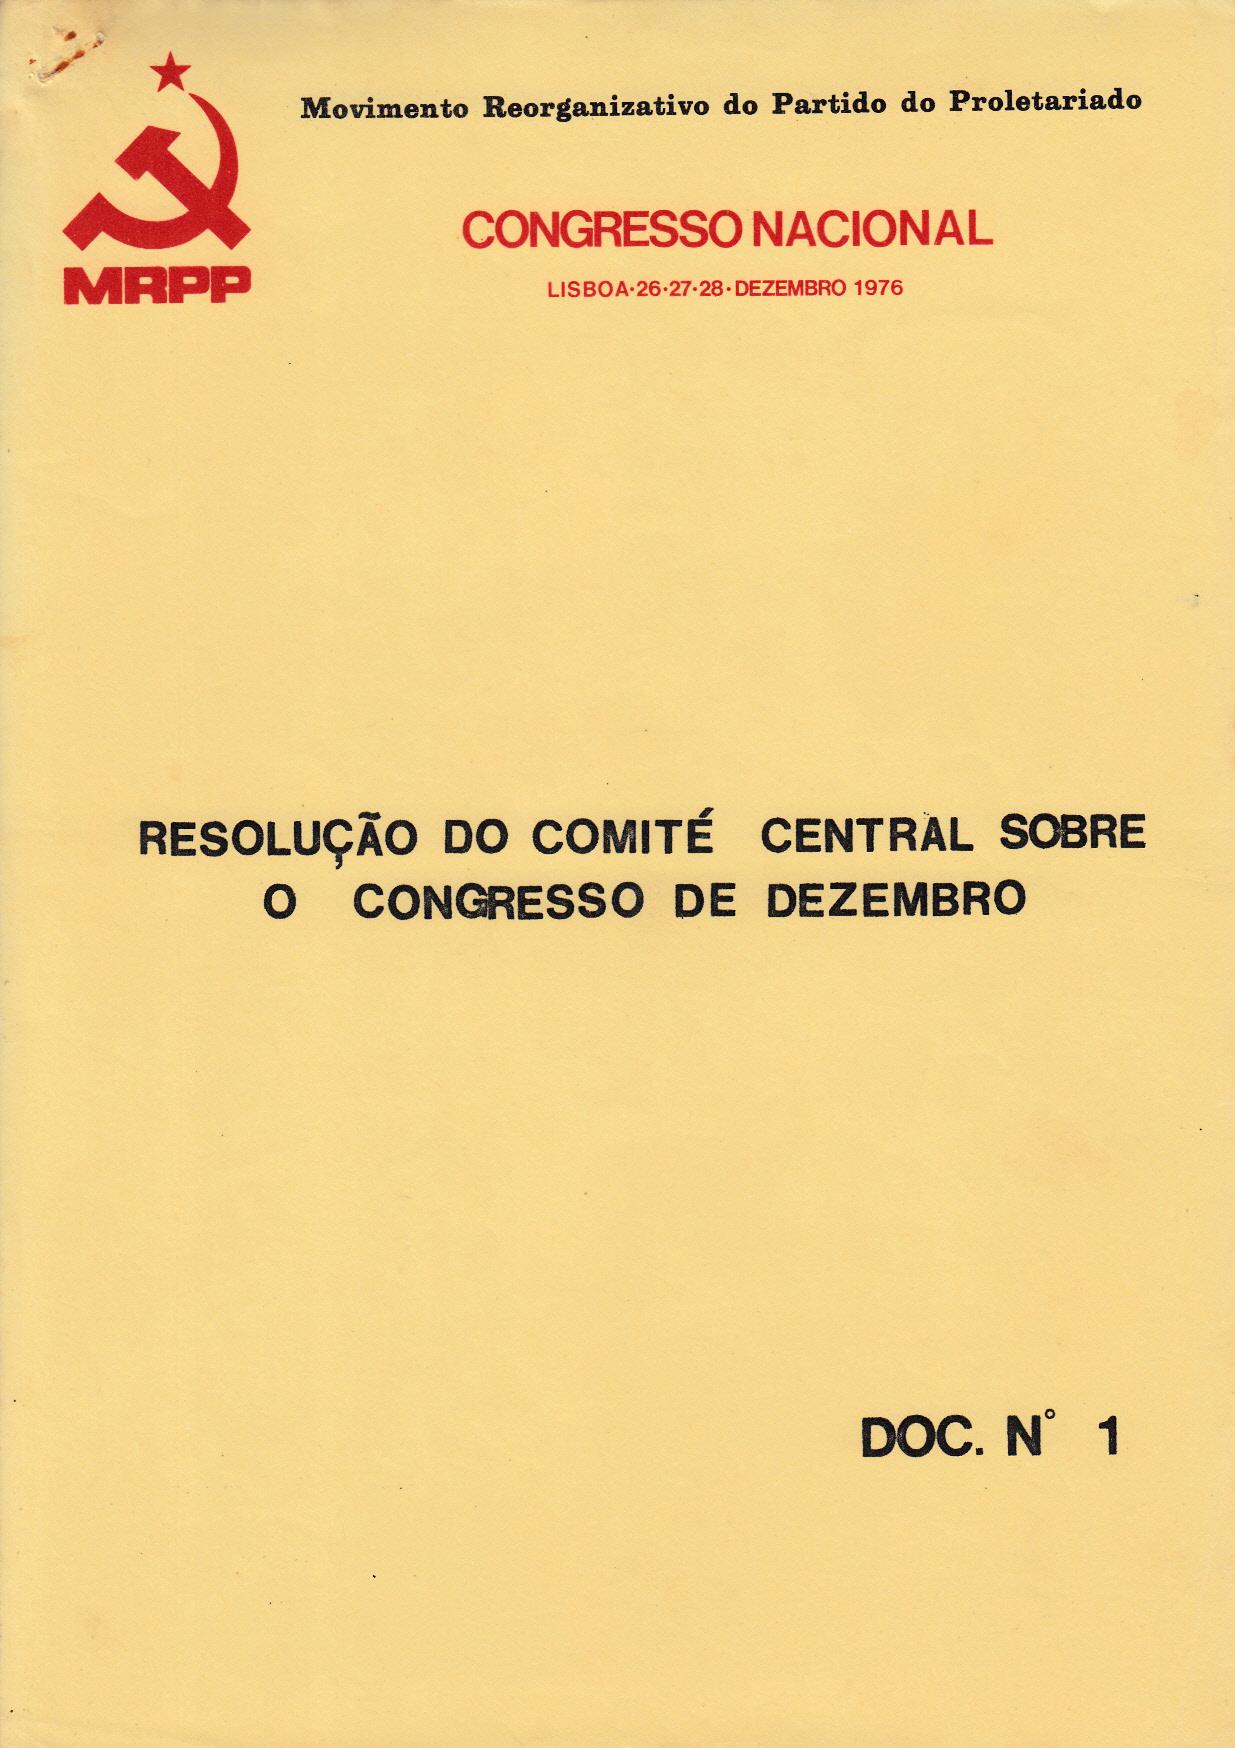 MRPP_1976_12_26_cn4